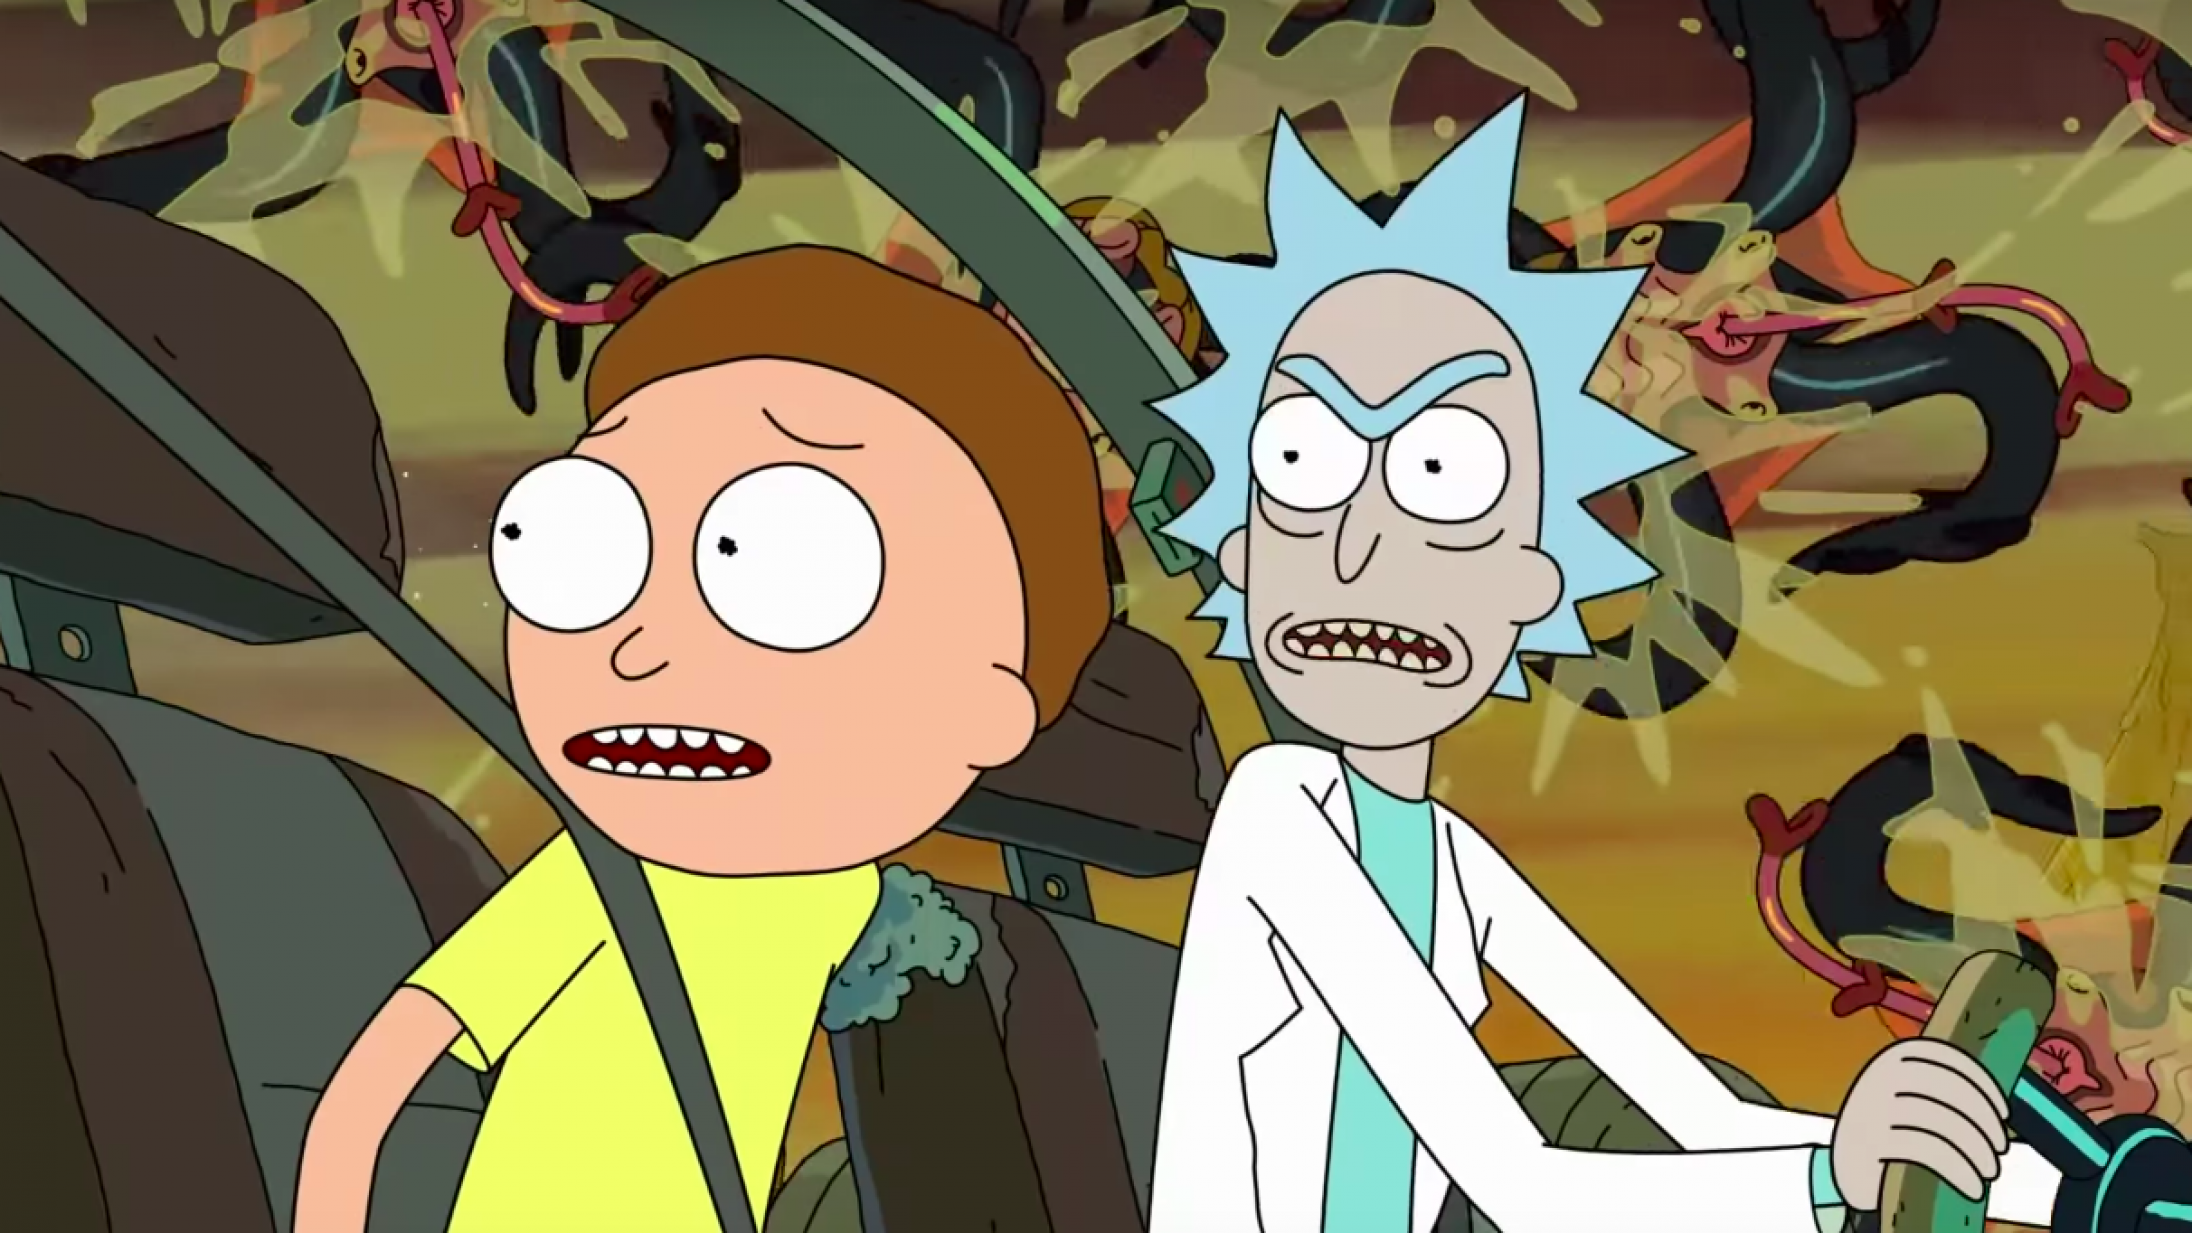 'Rick and Morty' sæson 4B: Gamle gensyn gjorde sæsonfinale forrygende